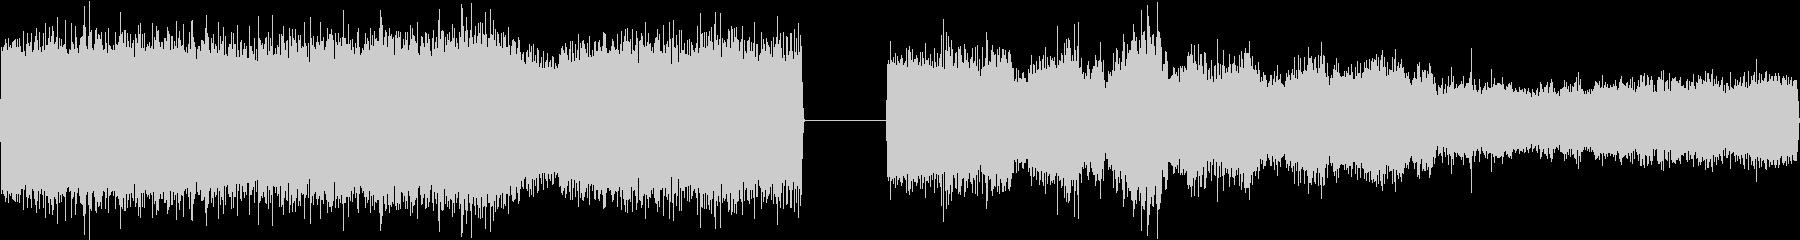 シェーバー、電動、2バージョン、バ...の未再生の波形